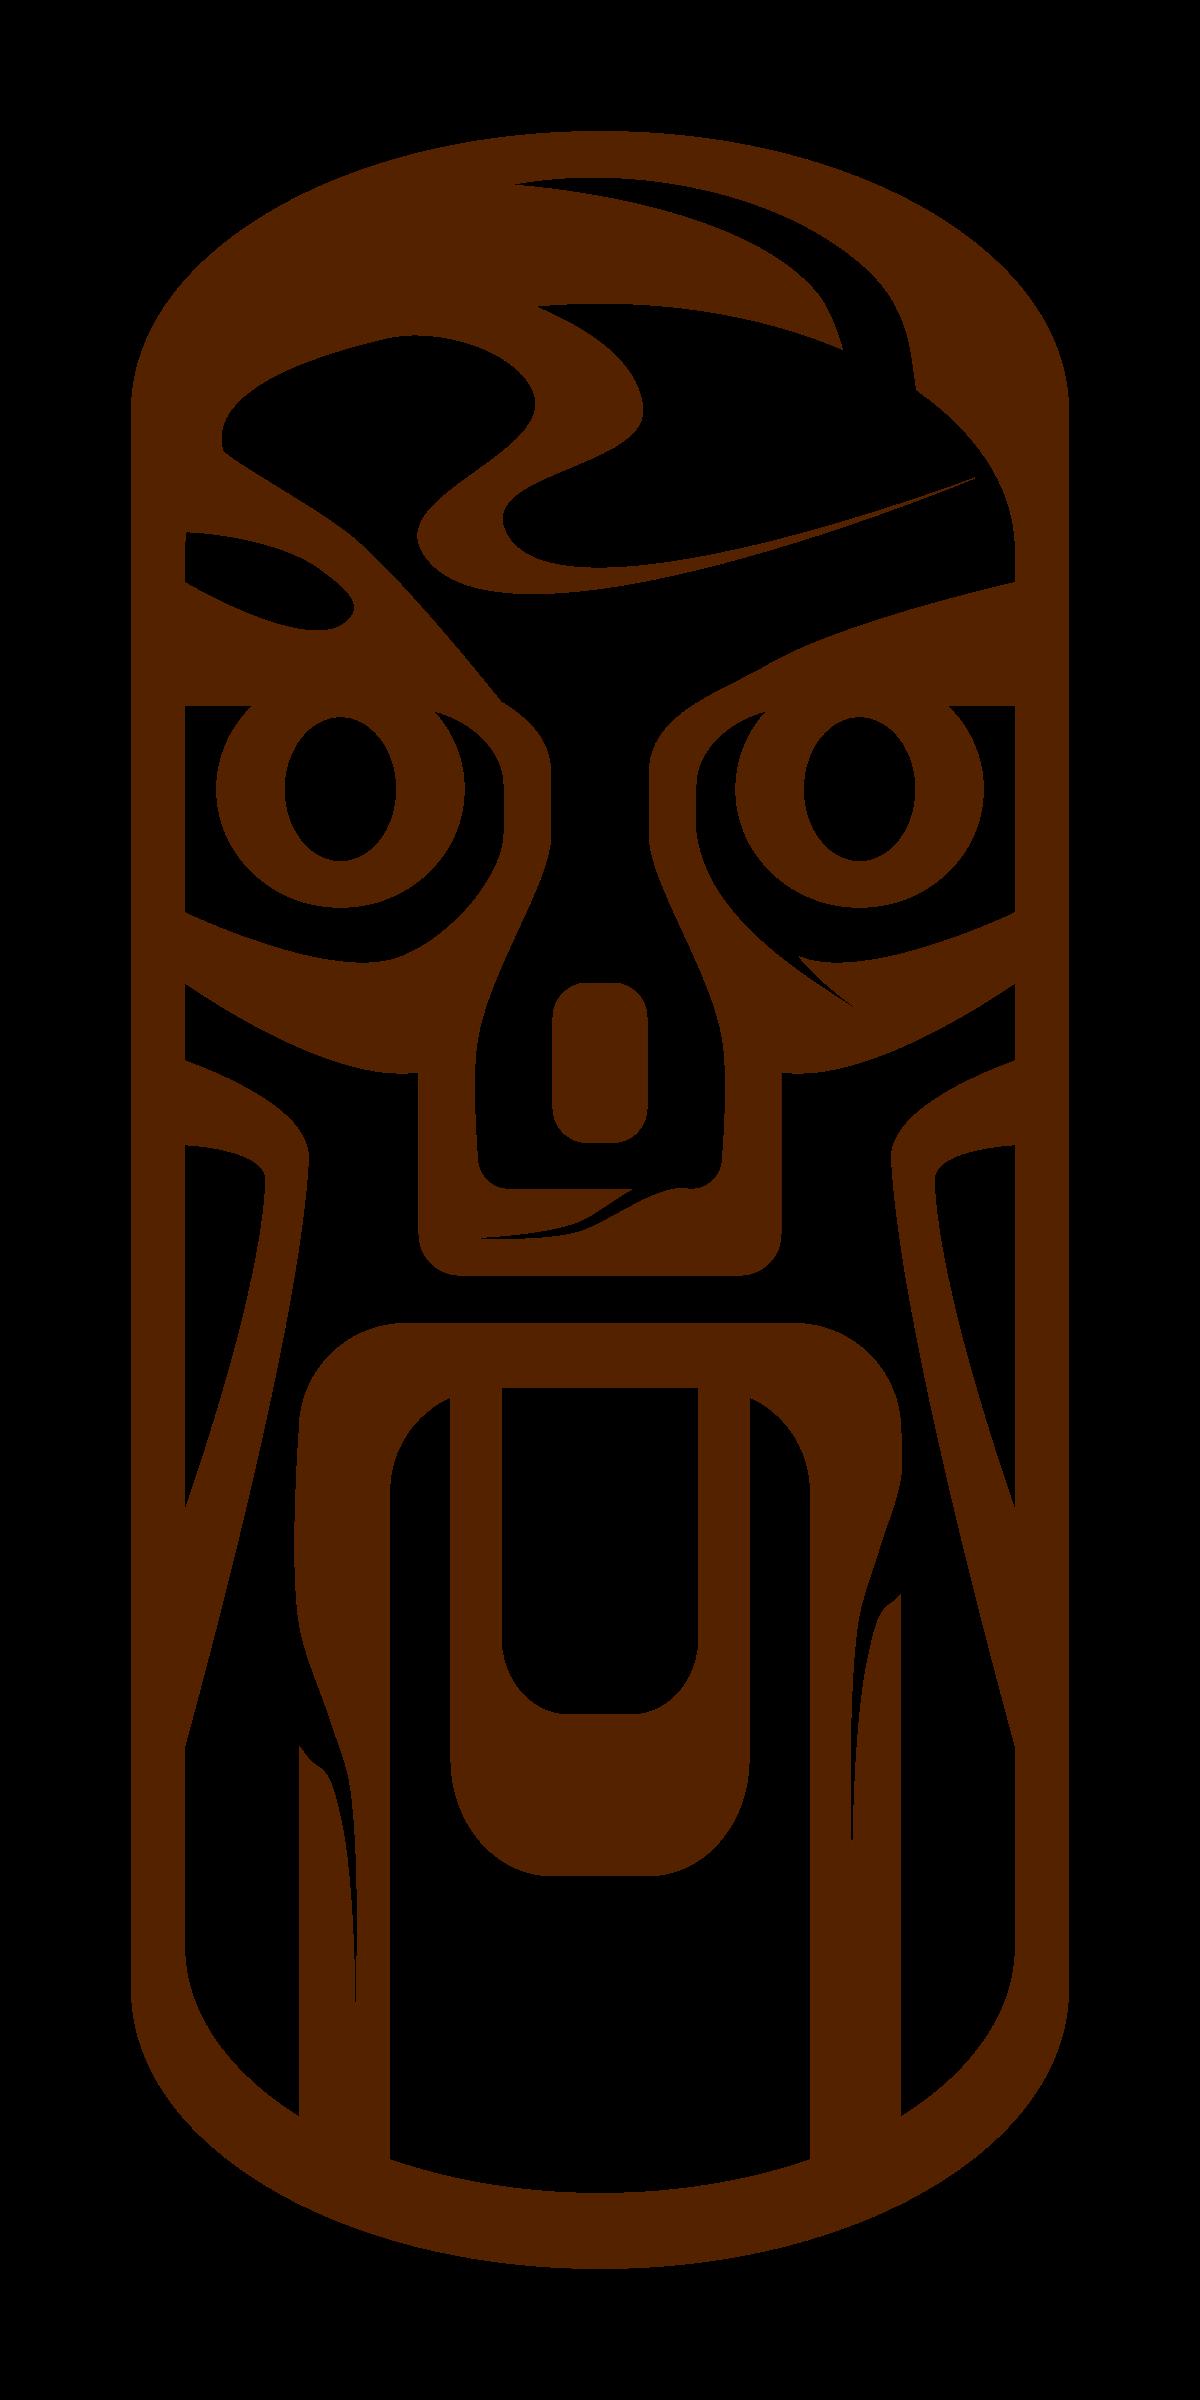 Torch clipart tiki hawaii. Hut at getdrawings com